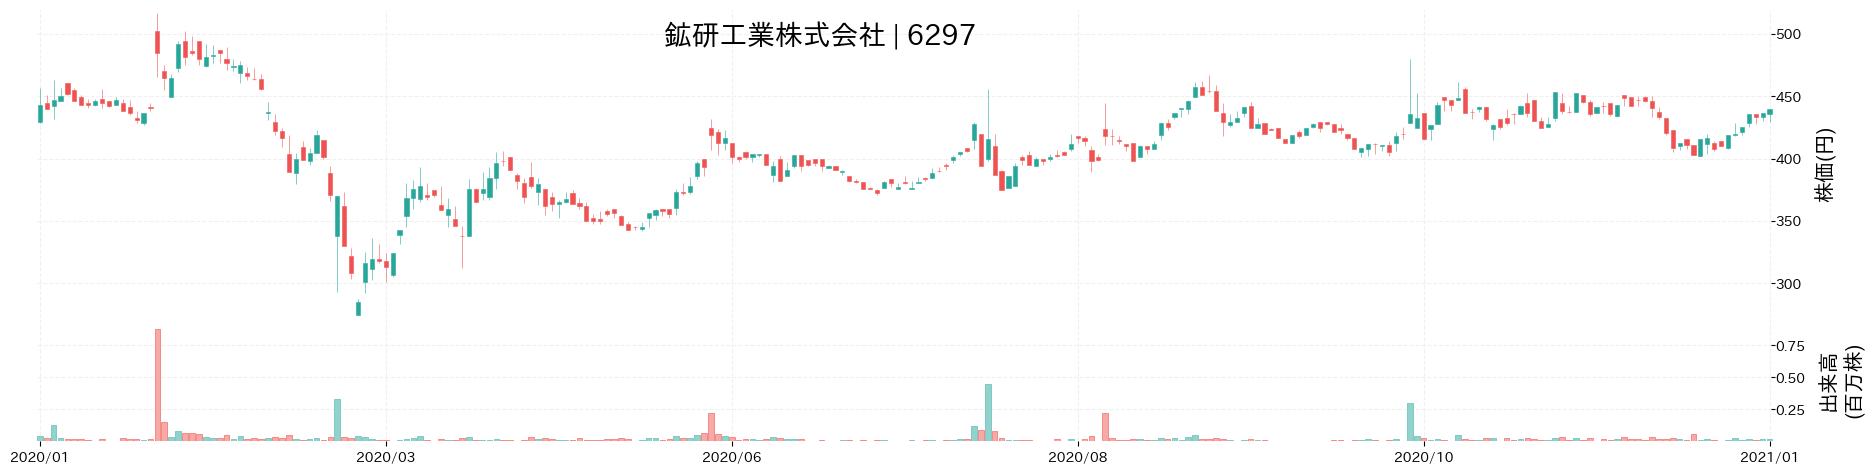 鉱研工業株式会社の株価推移(2020)